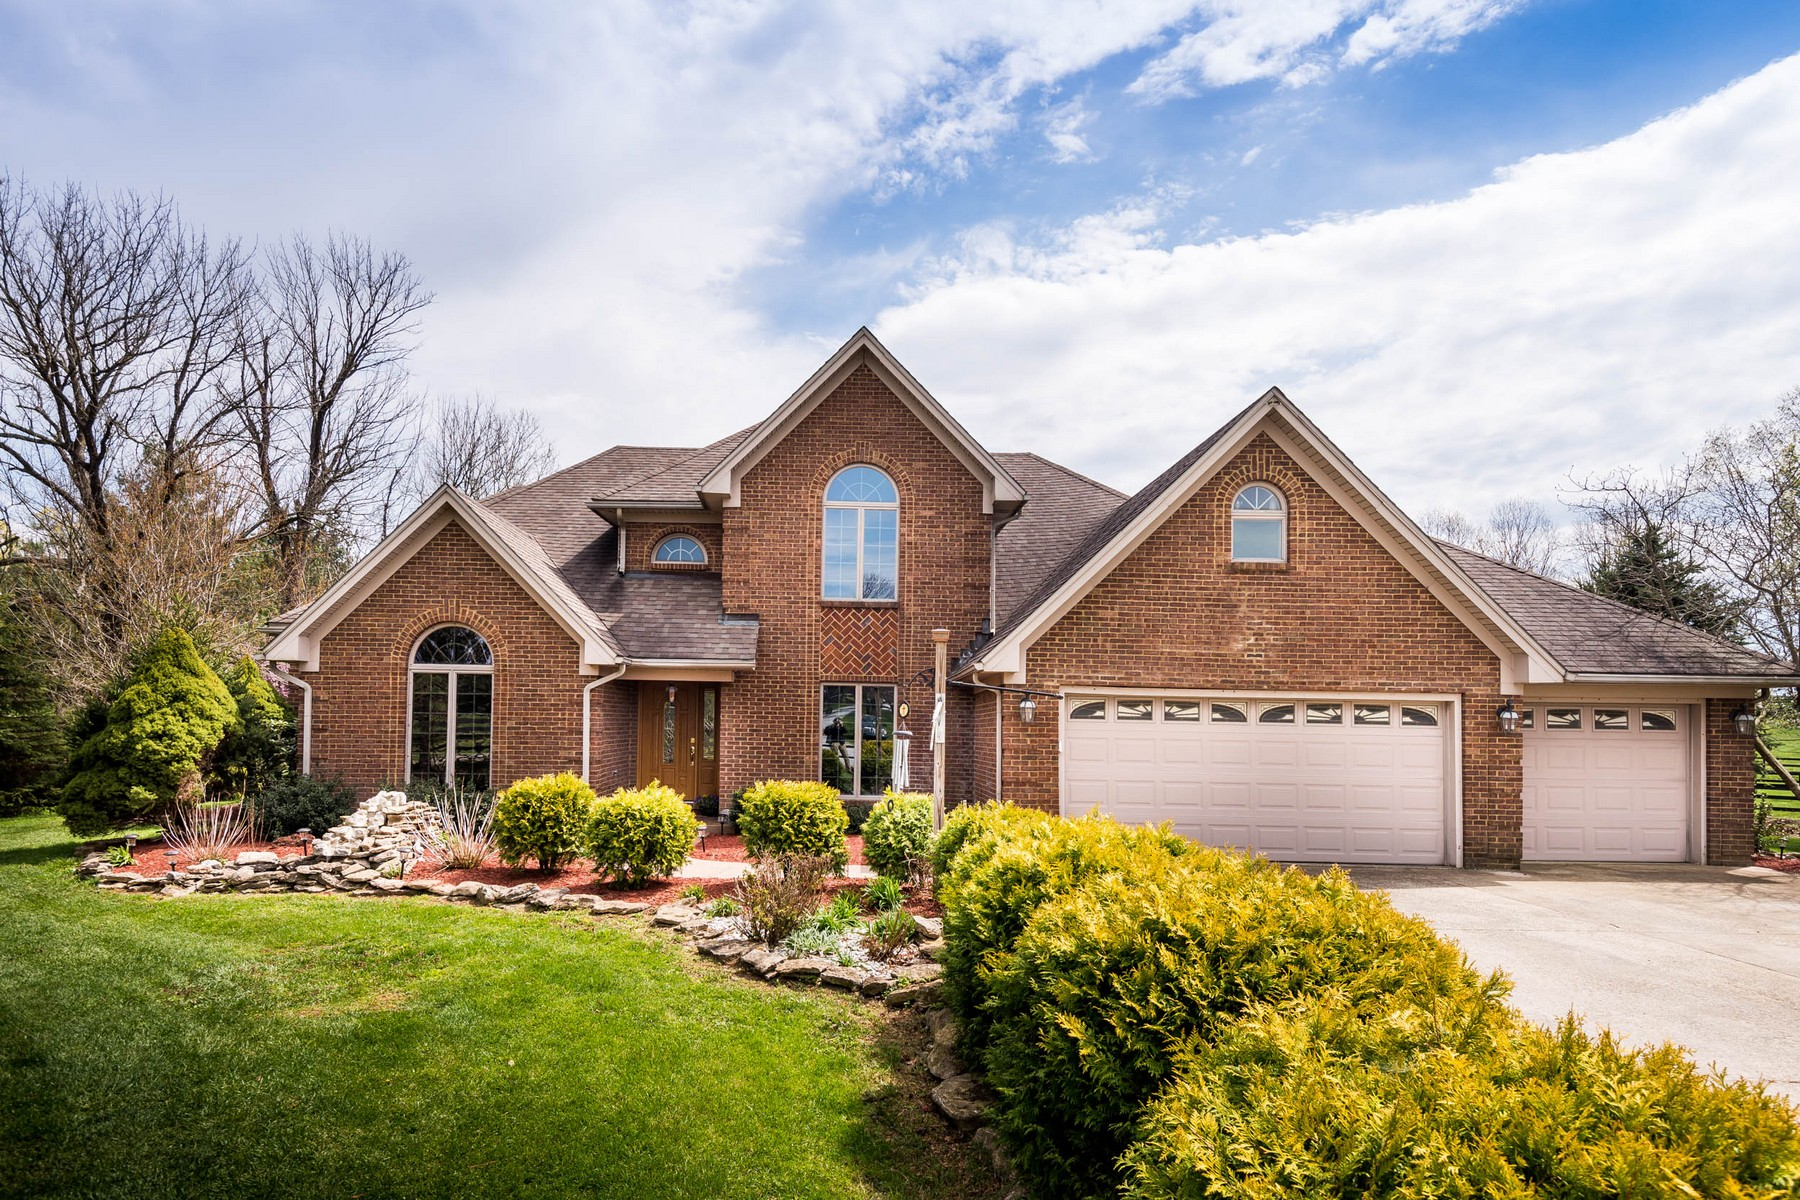 Villa per Vendita alle ore 2707 Pine Grove Road Paris, Kentucky, 40361 Stati Uniti